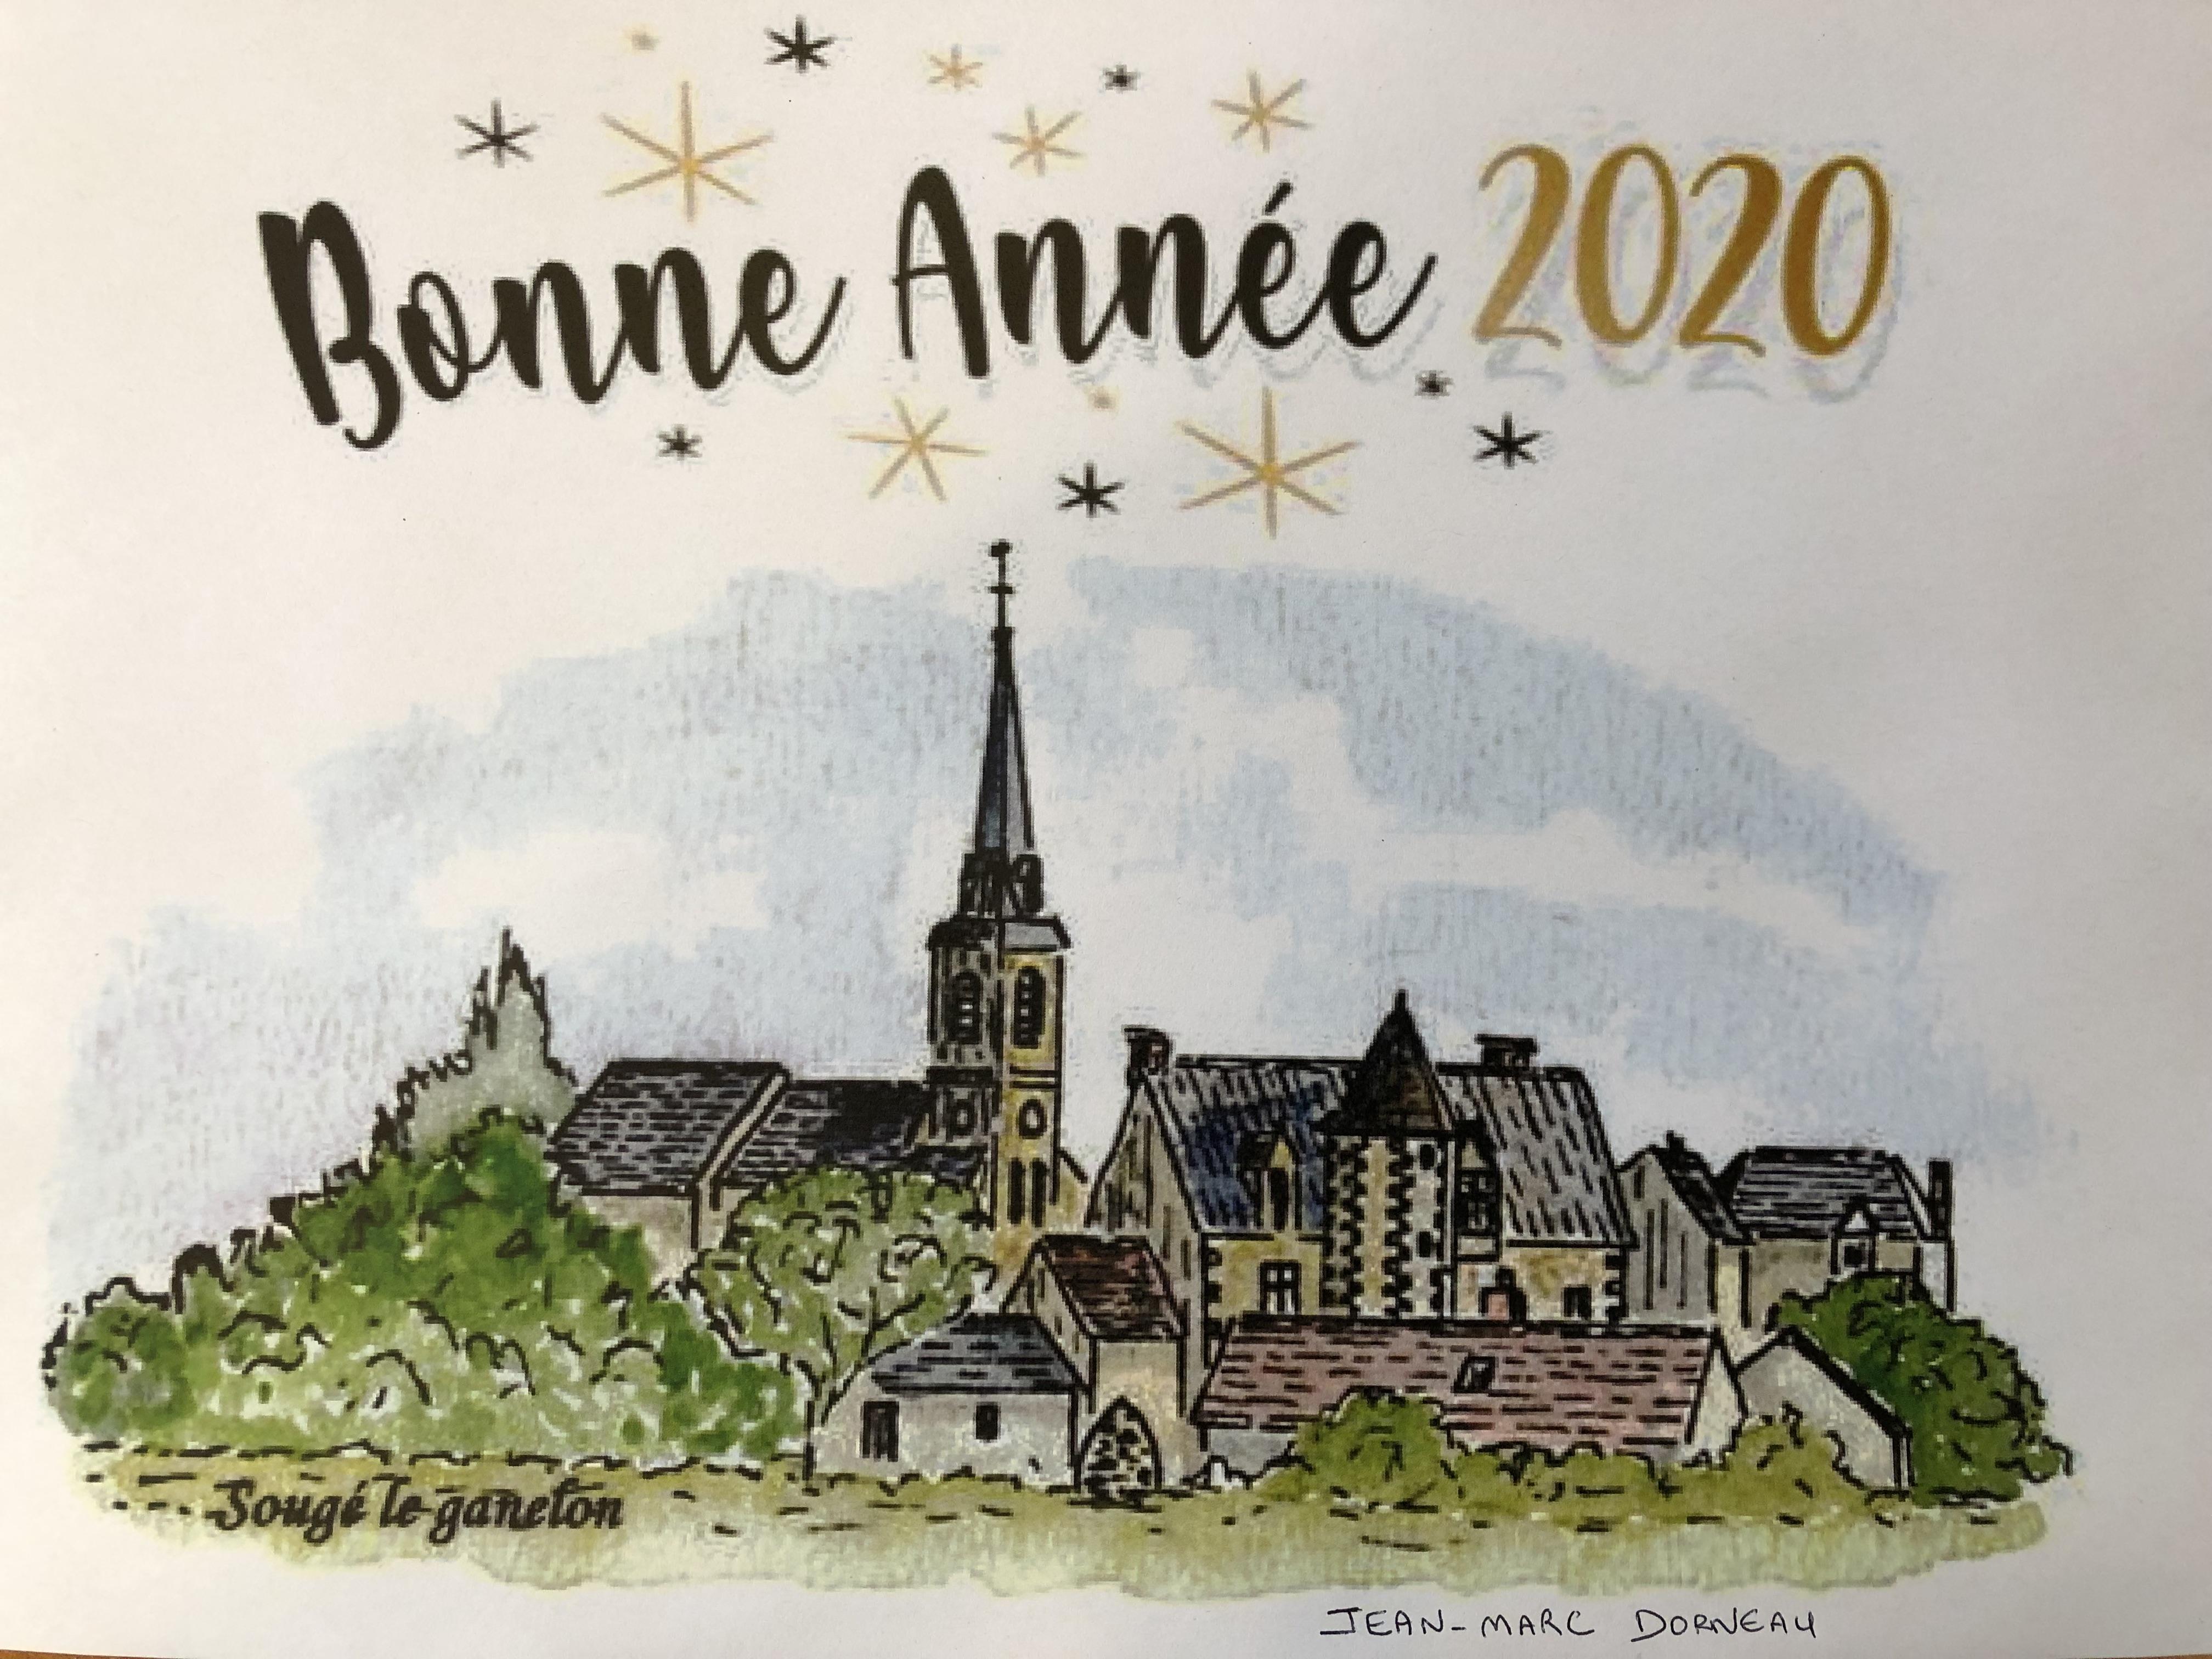 Bon Noël et bonne année 2020